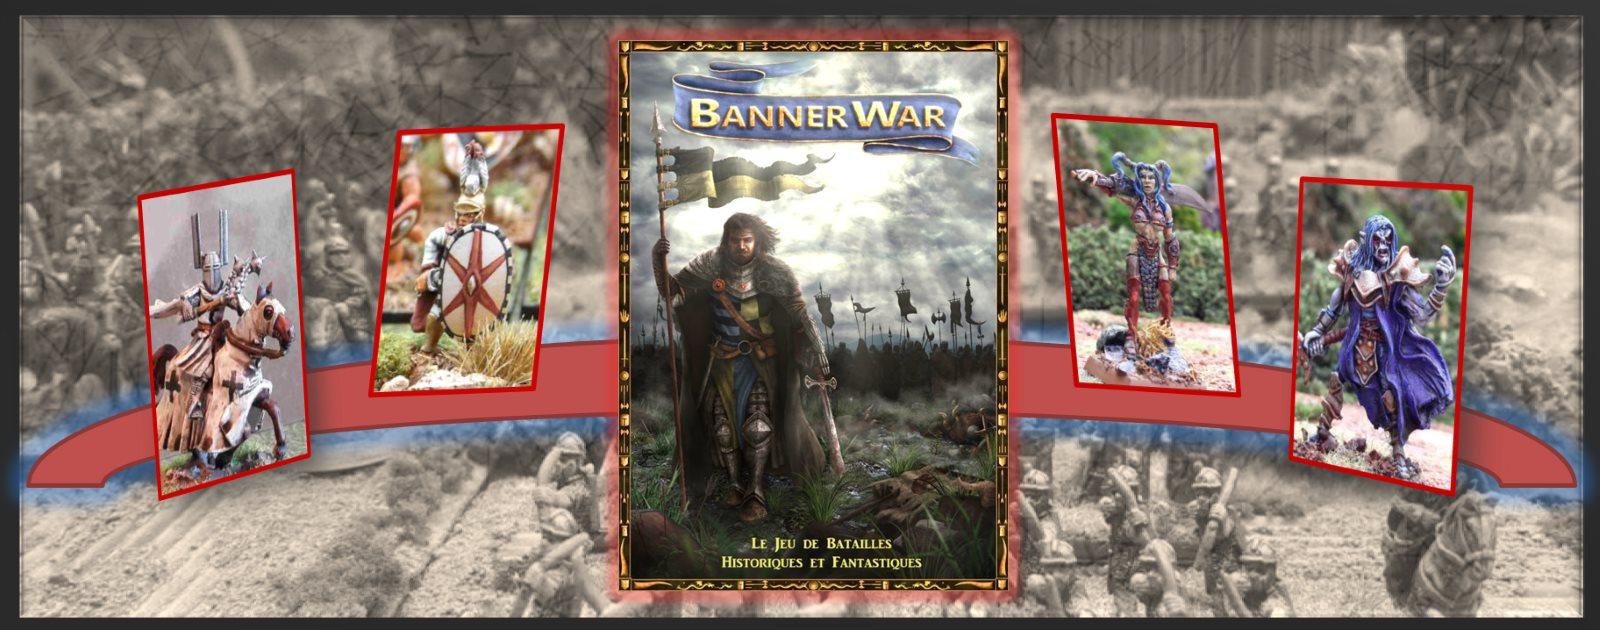 Livre de régles BannerWar